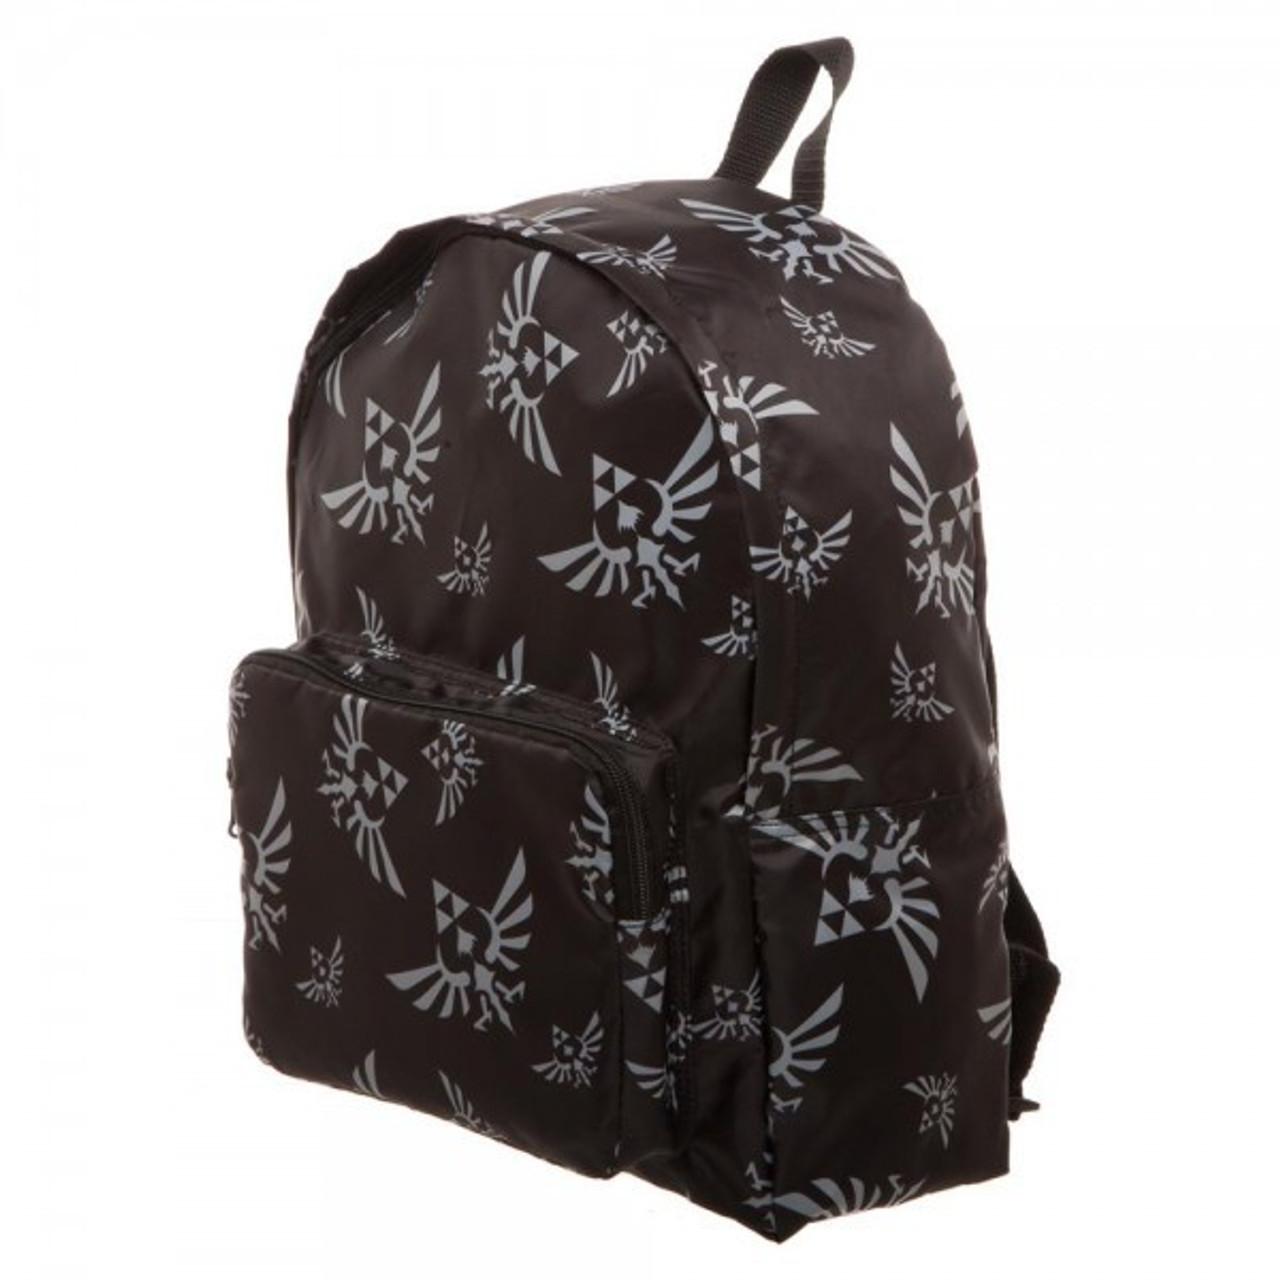 Carring Bag Yugioh 5D/'s Sling Backpack Brand New